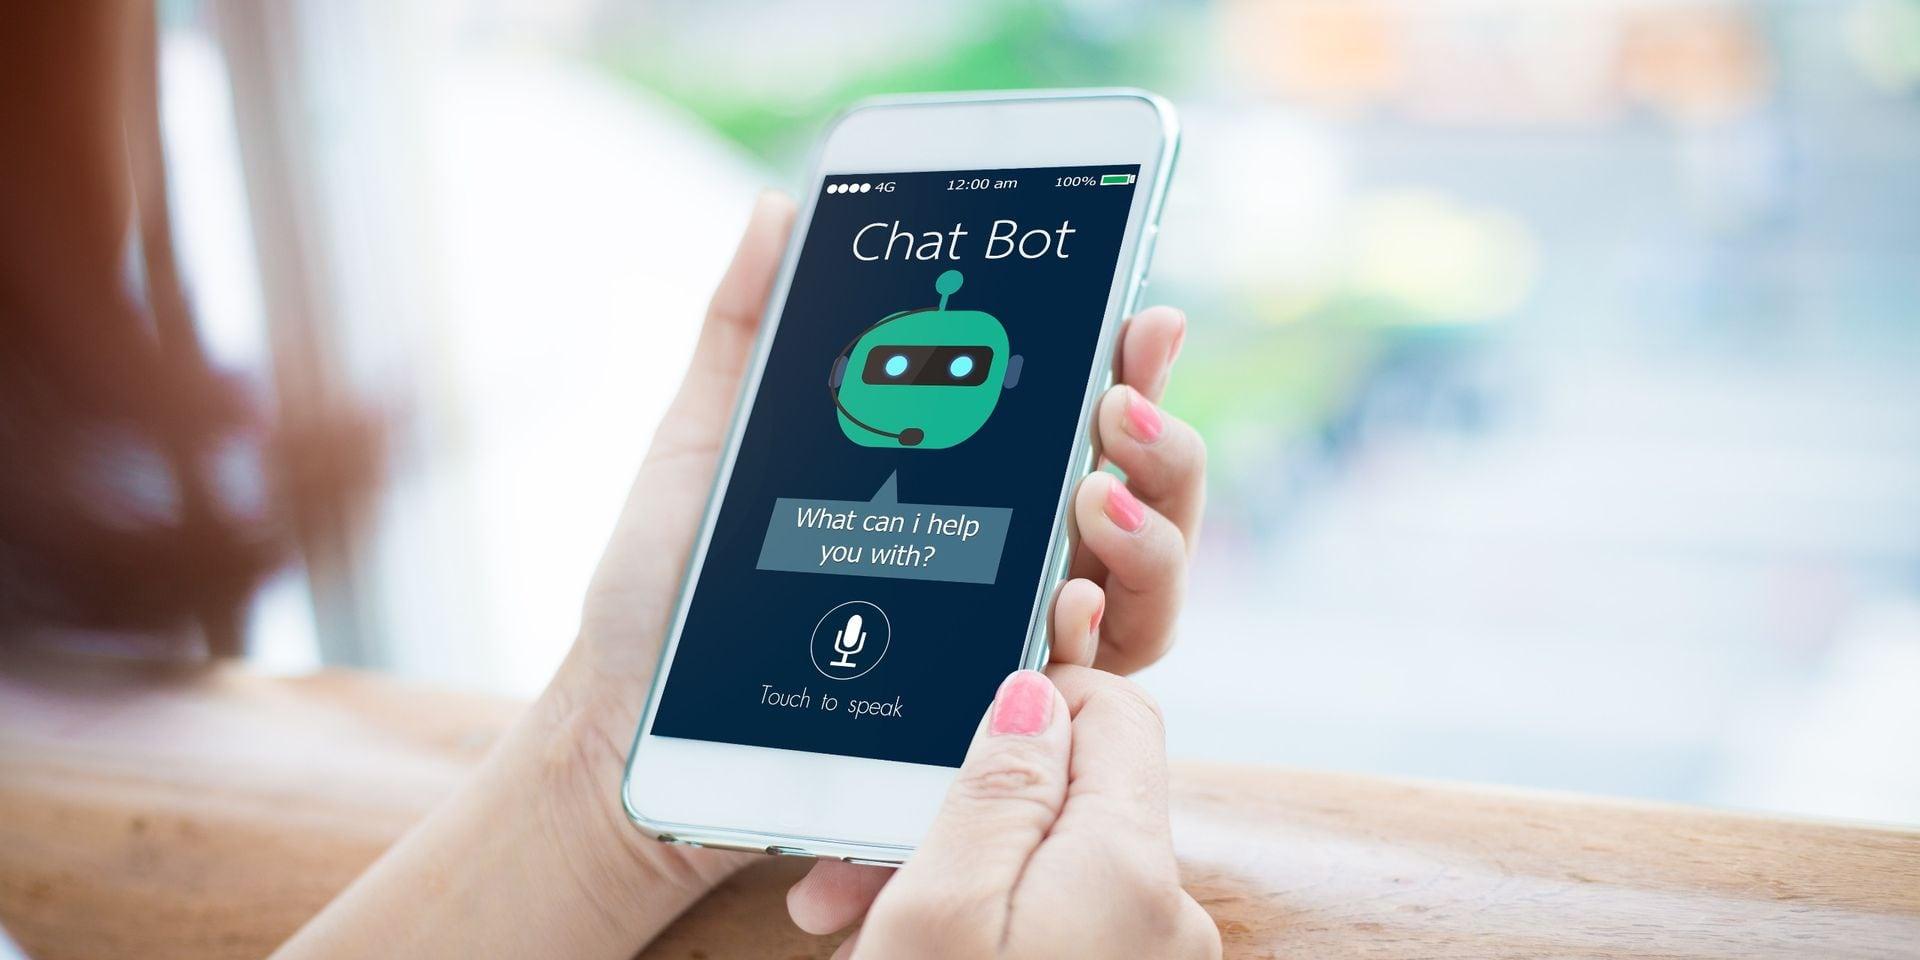 Près d'un Belge sur cinq ignore la présence de l'IA dans sa vie quotidienne